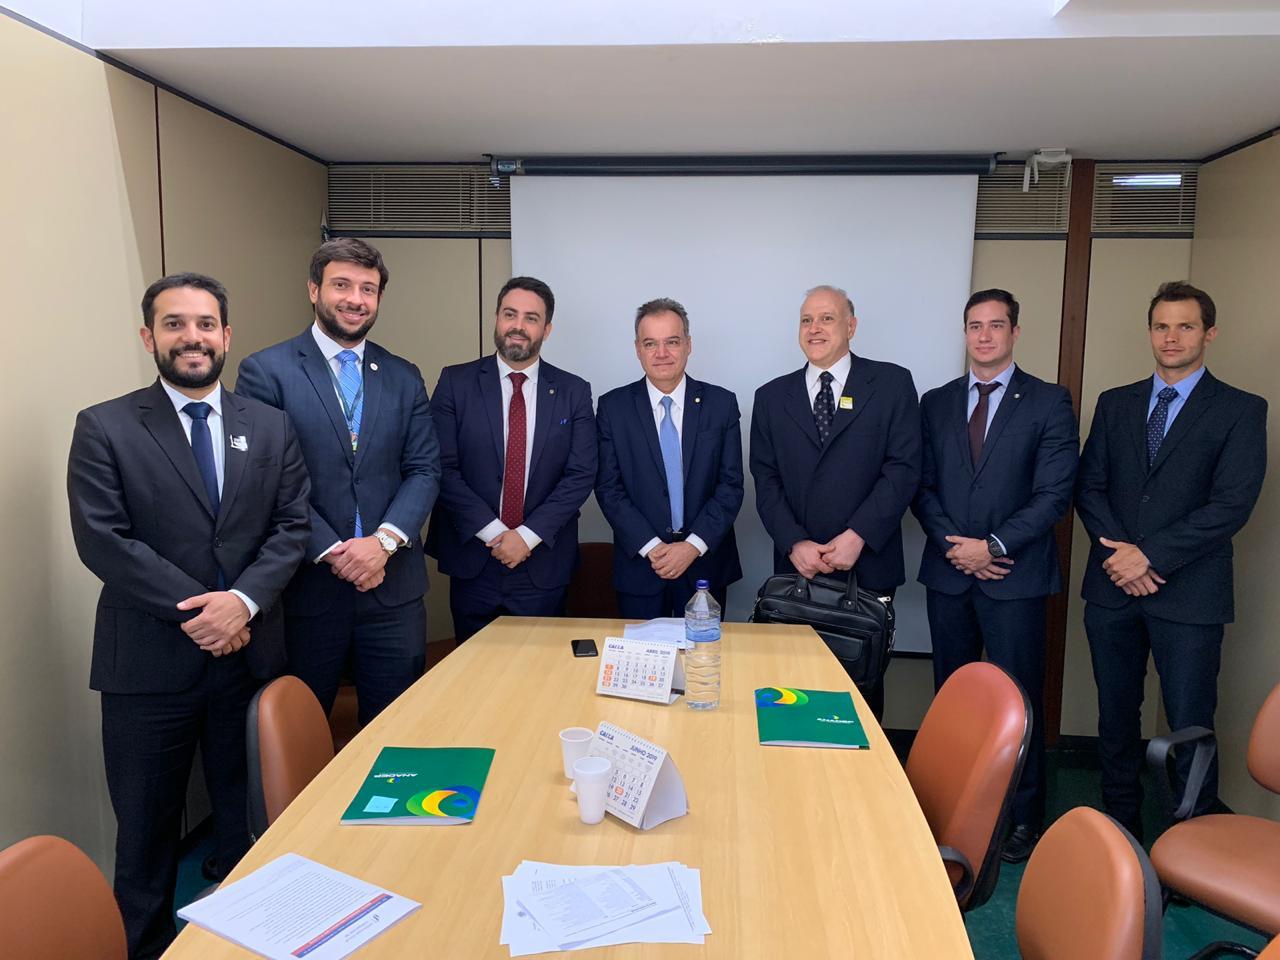 Reunião de membros do Fonacate com Deputados Federais Léo Moraes e Samuel Moreira sobre a reforma da previdência